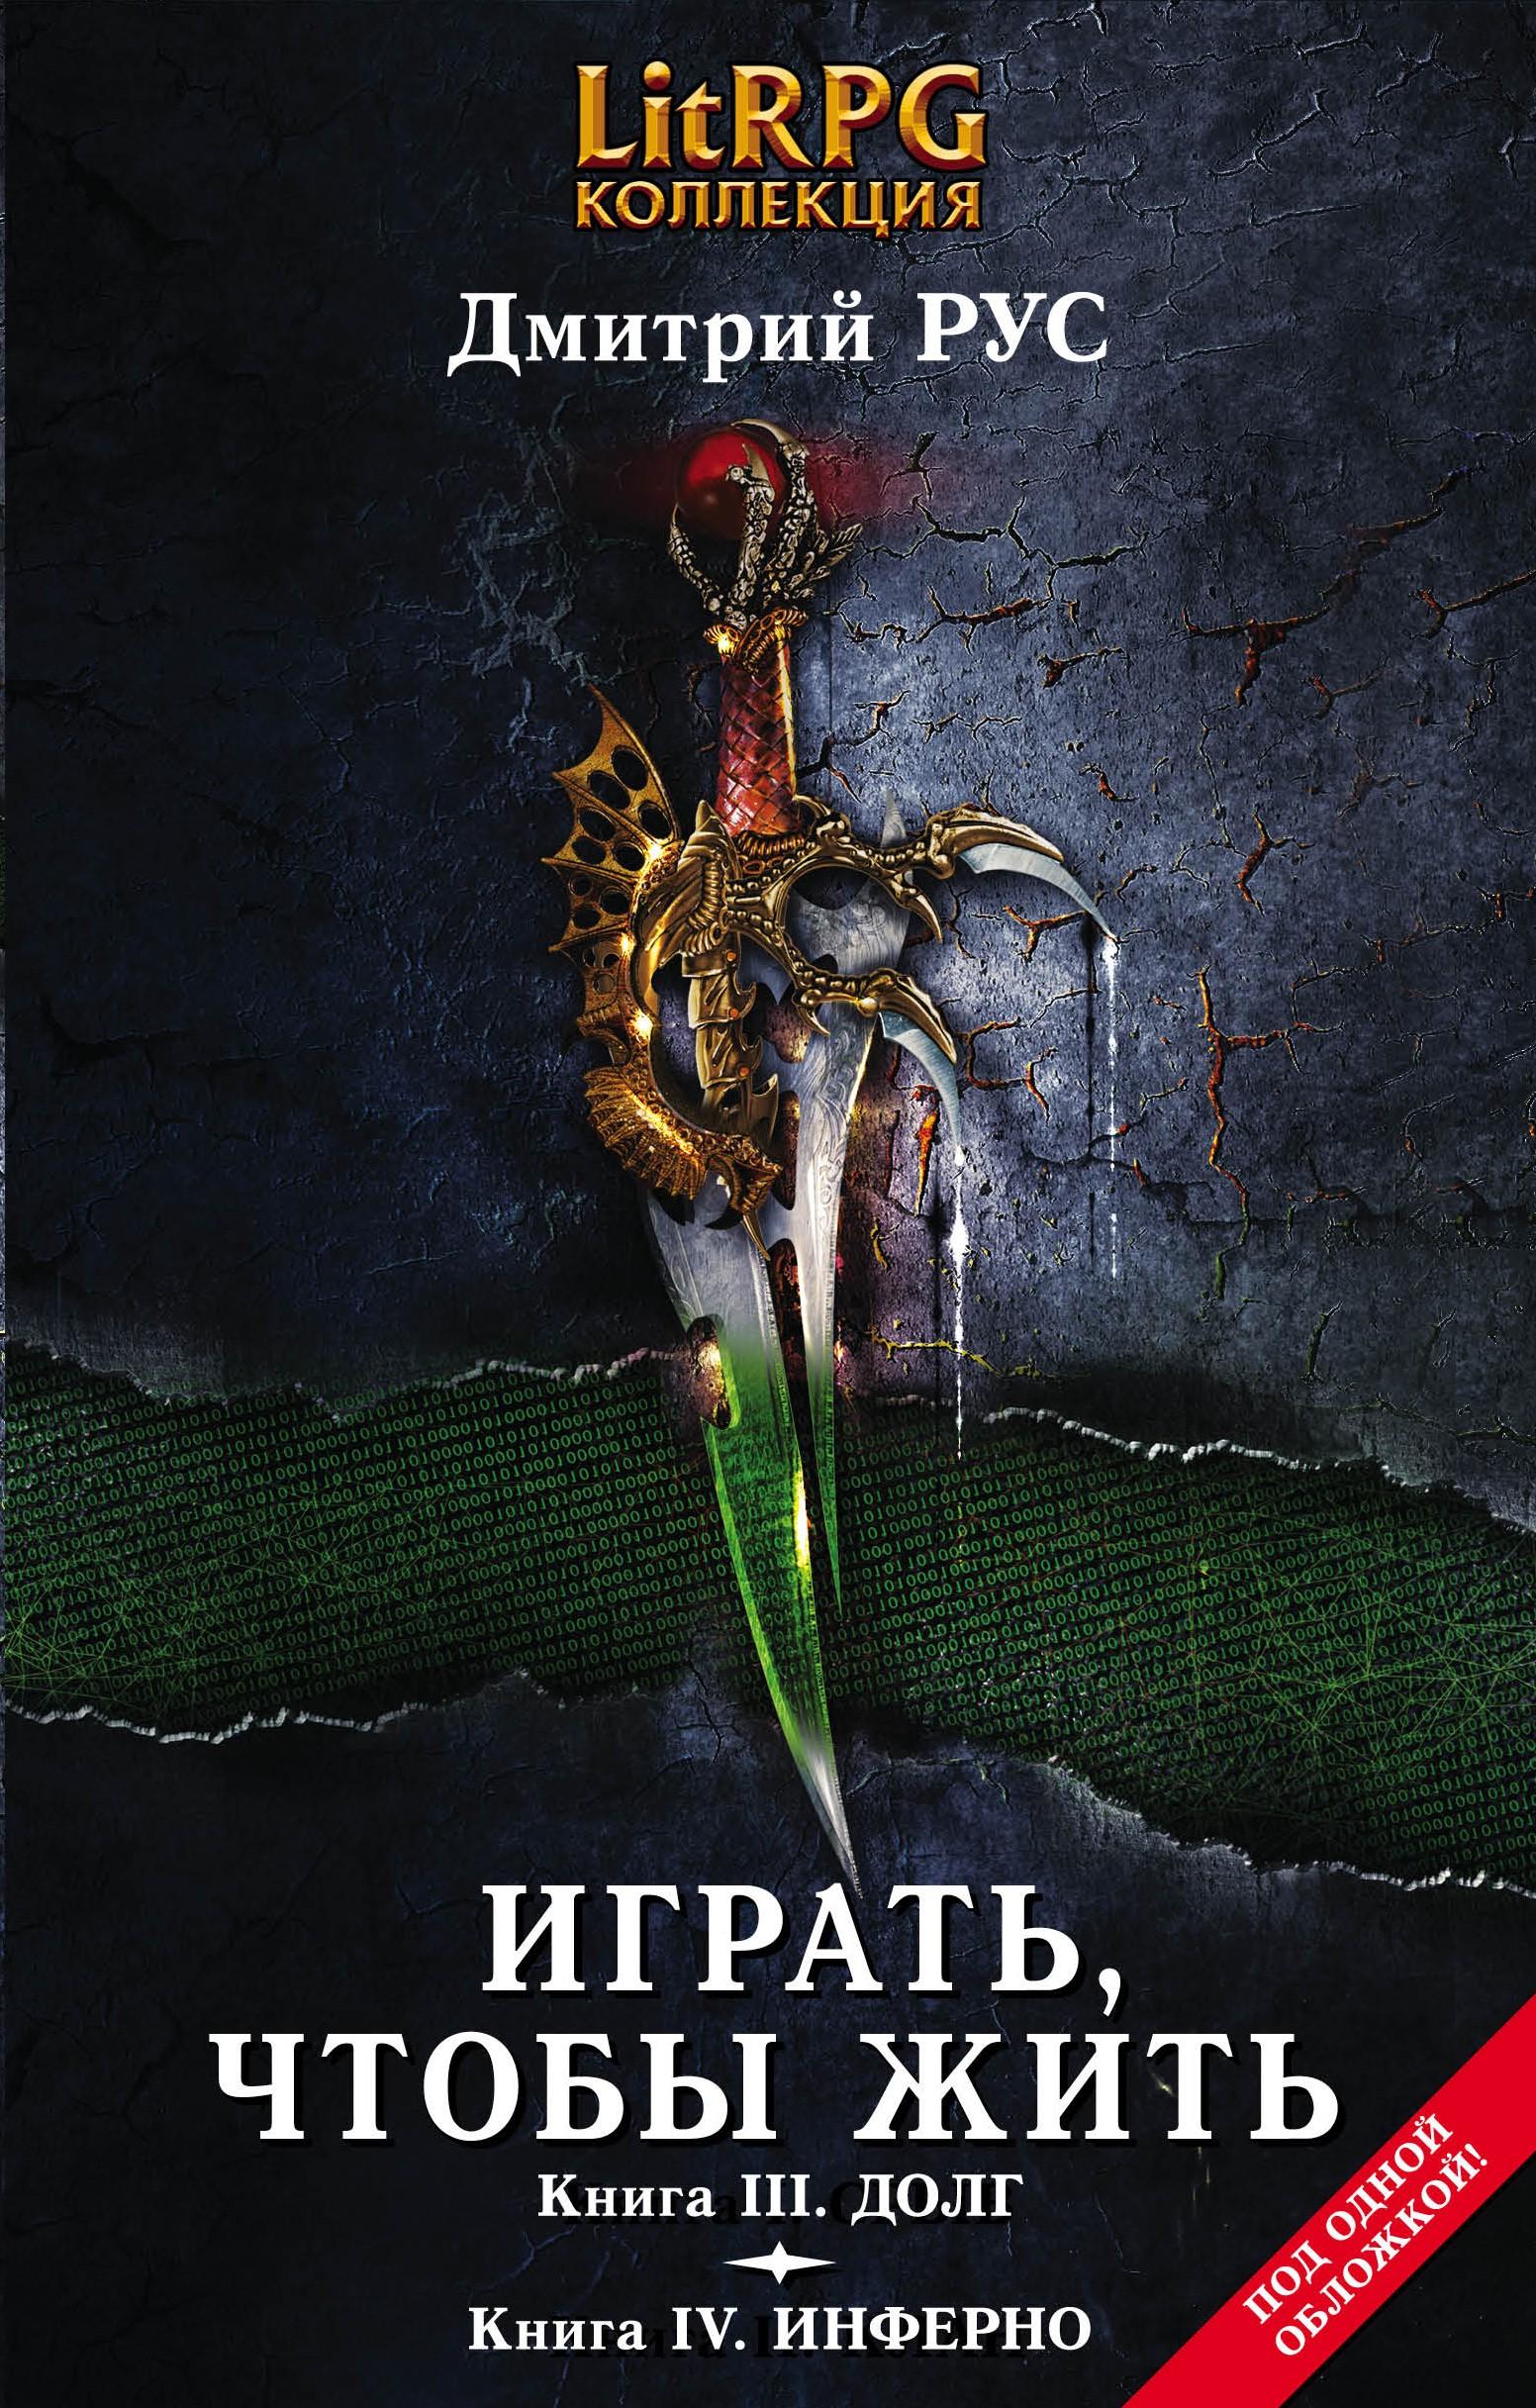 Дмитрий Рус Играть, чтобы жить. Кн. III. Долг. Кн. IV. Инферно цена 2017